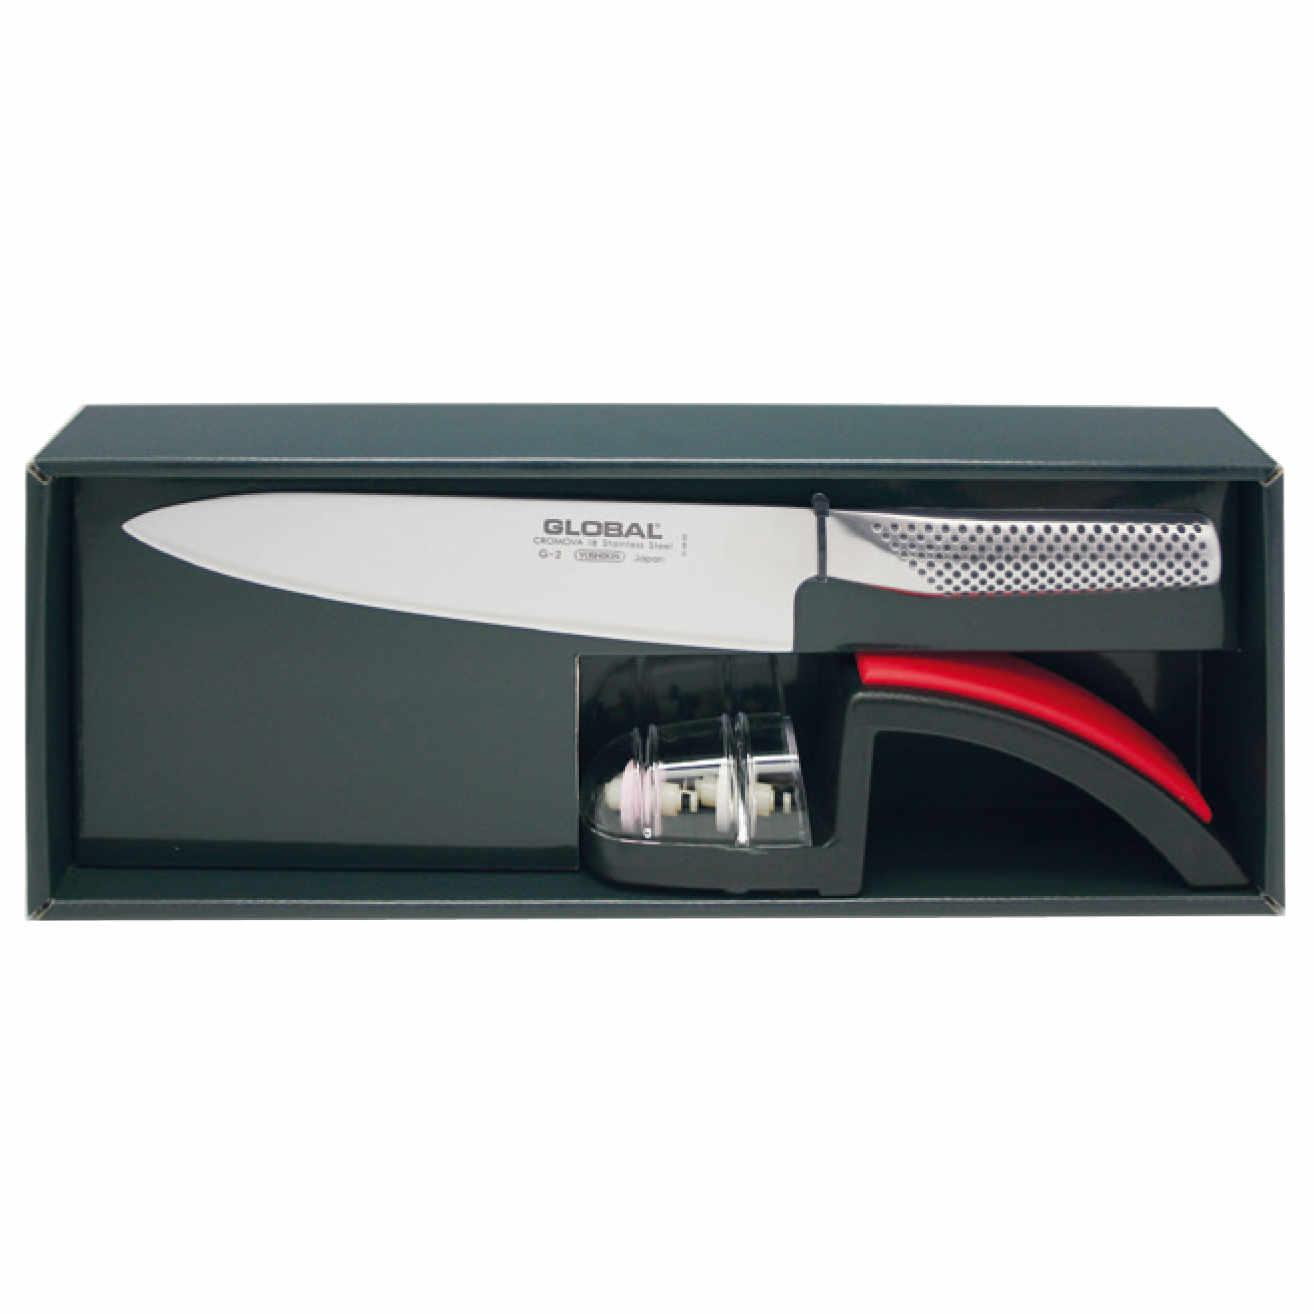 Global G-2220BR Set: G-2 Kochmesser + MinoSharp Schleifer 220-BR